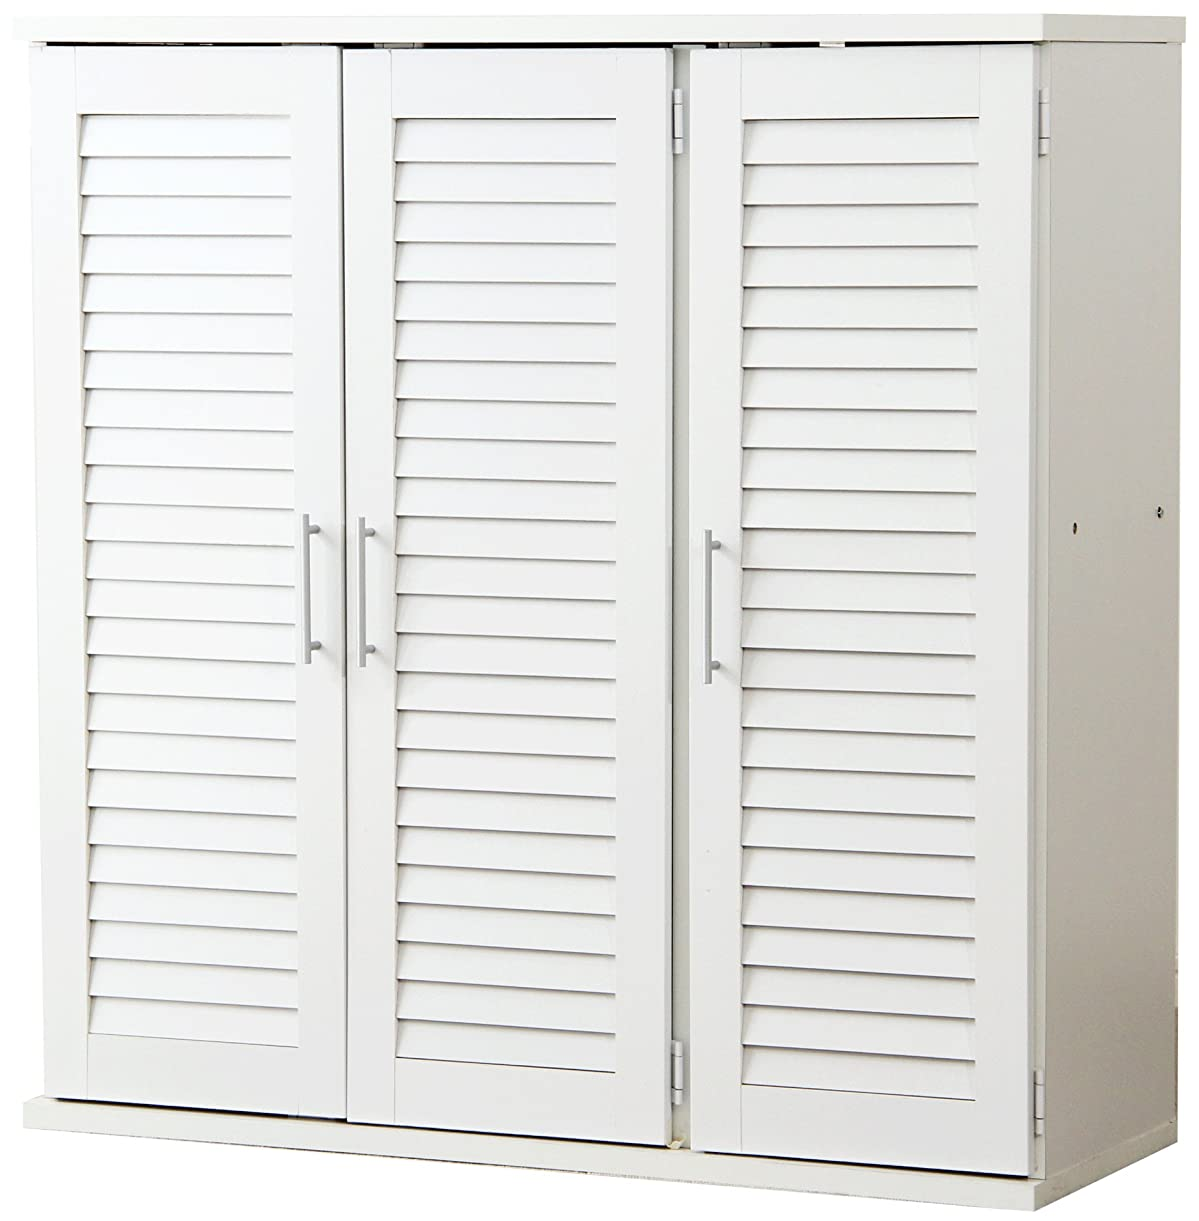 年きょうだいにもかかわらずSEMI-SH ルーバー式 シューズボックス 幅90cm (ホワイト) 下駄箱 玄関収納 ルーバー扉 SH-SLB-9090